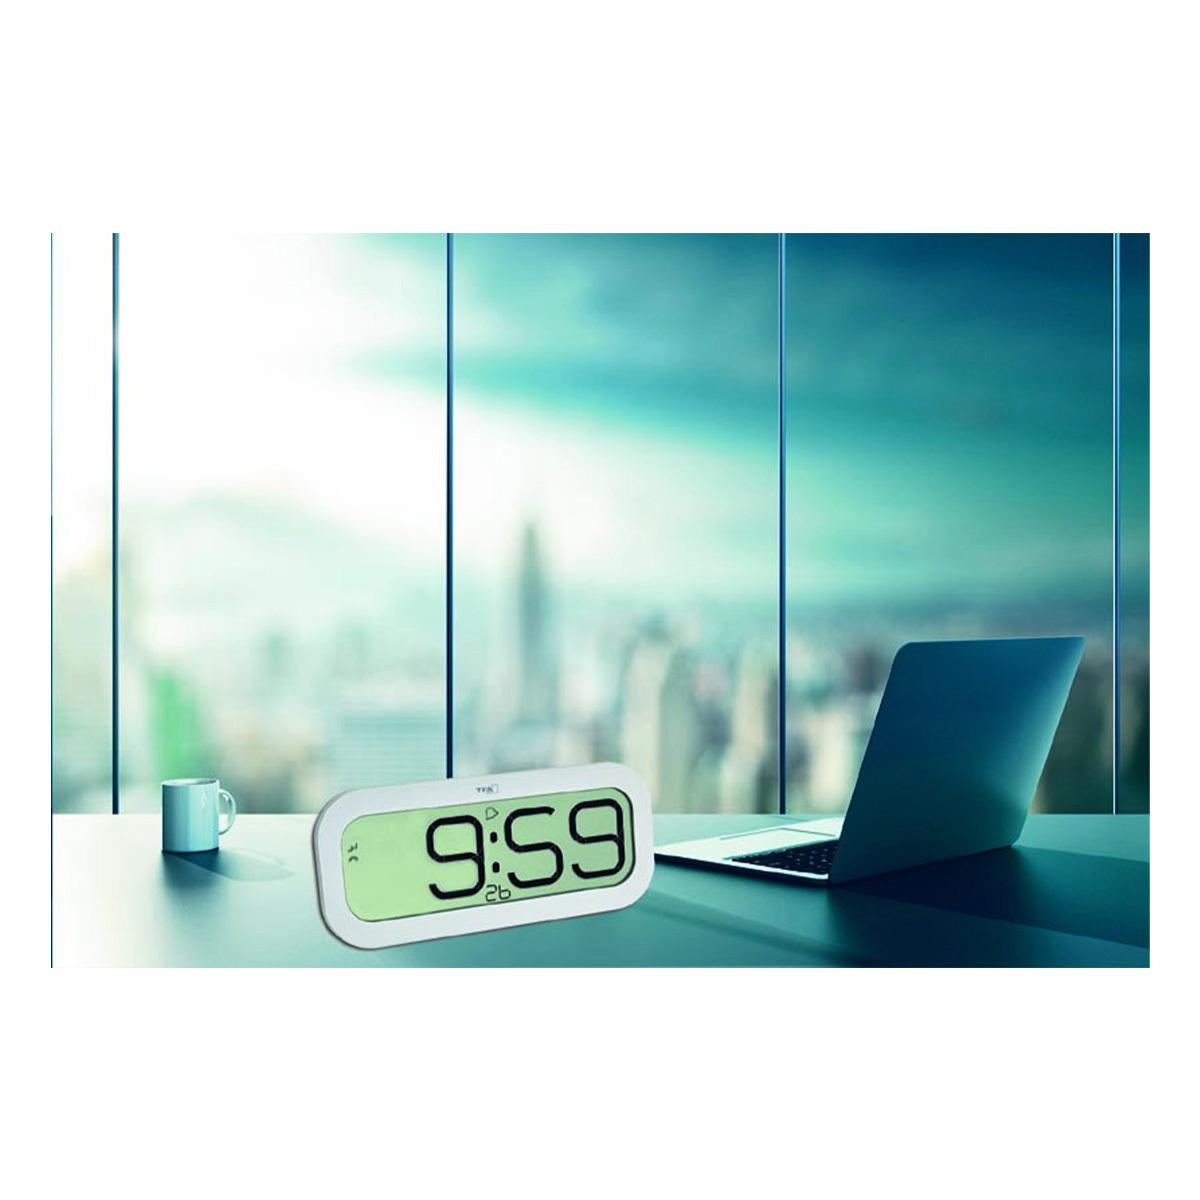 60-4514-02-digitale-funkuhr-mit-stundenschlag-bimbam-anwendung-1200x1200px.jpg